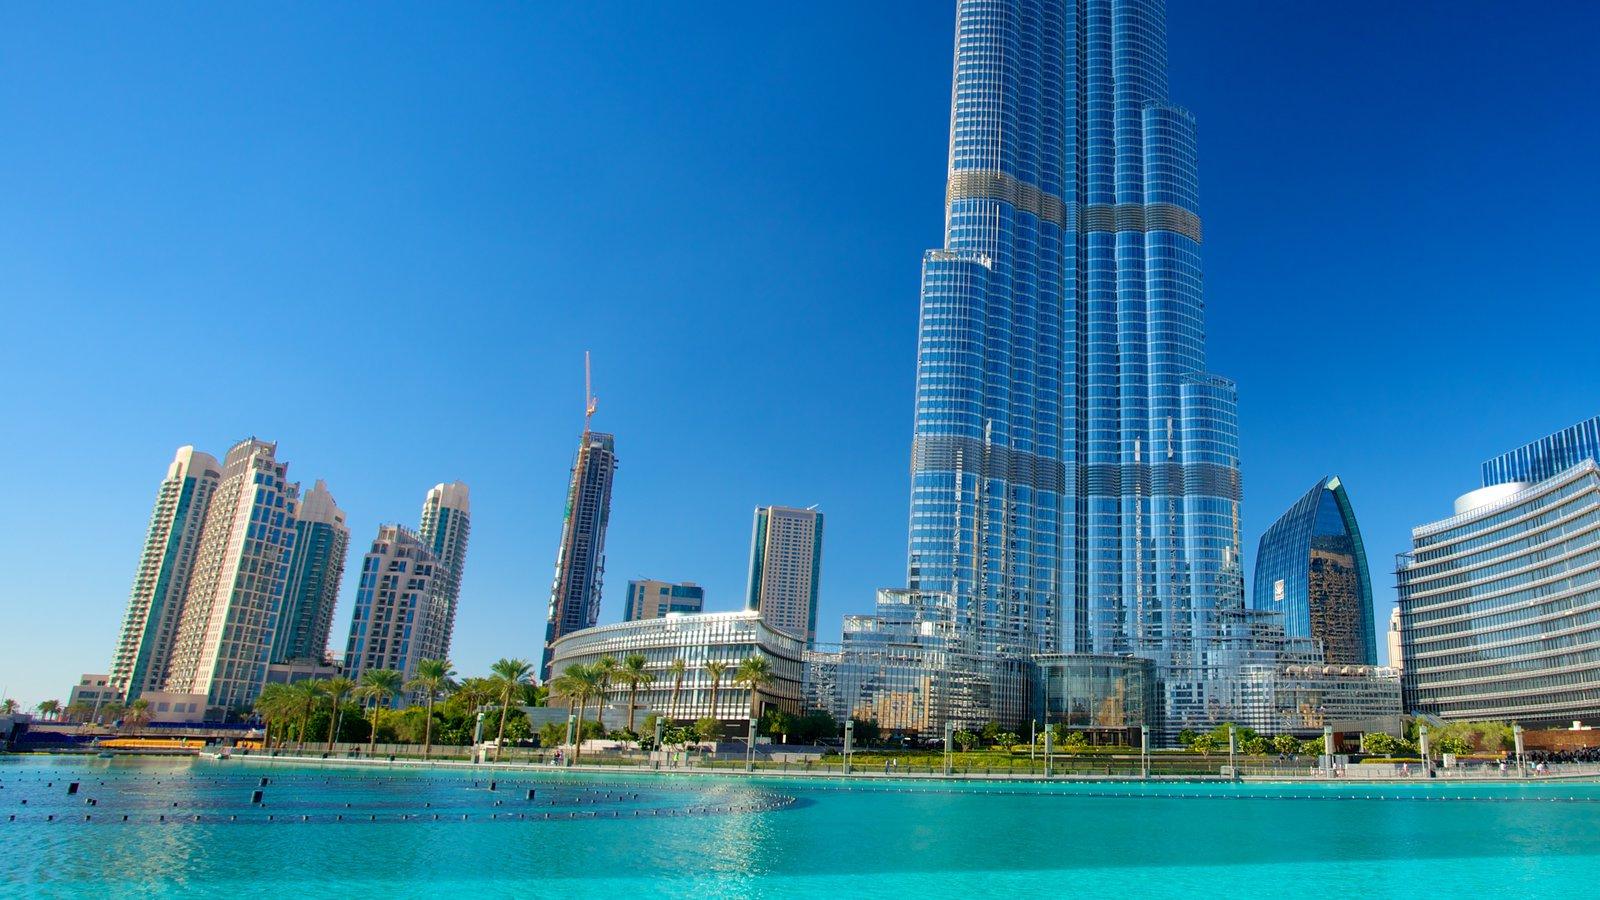 Cамое высокое здание в мире в дубае (бурдж-халифа)